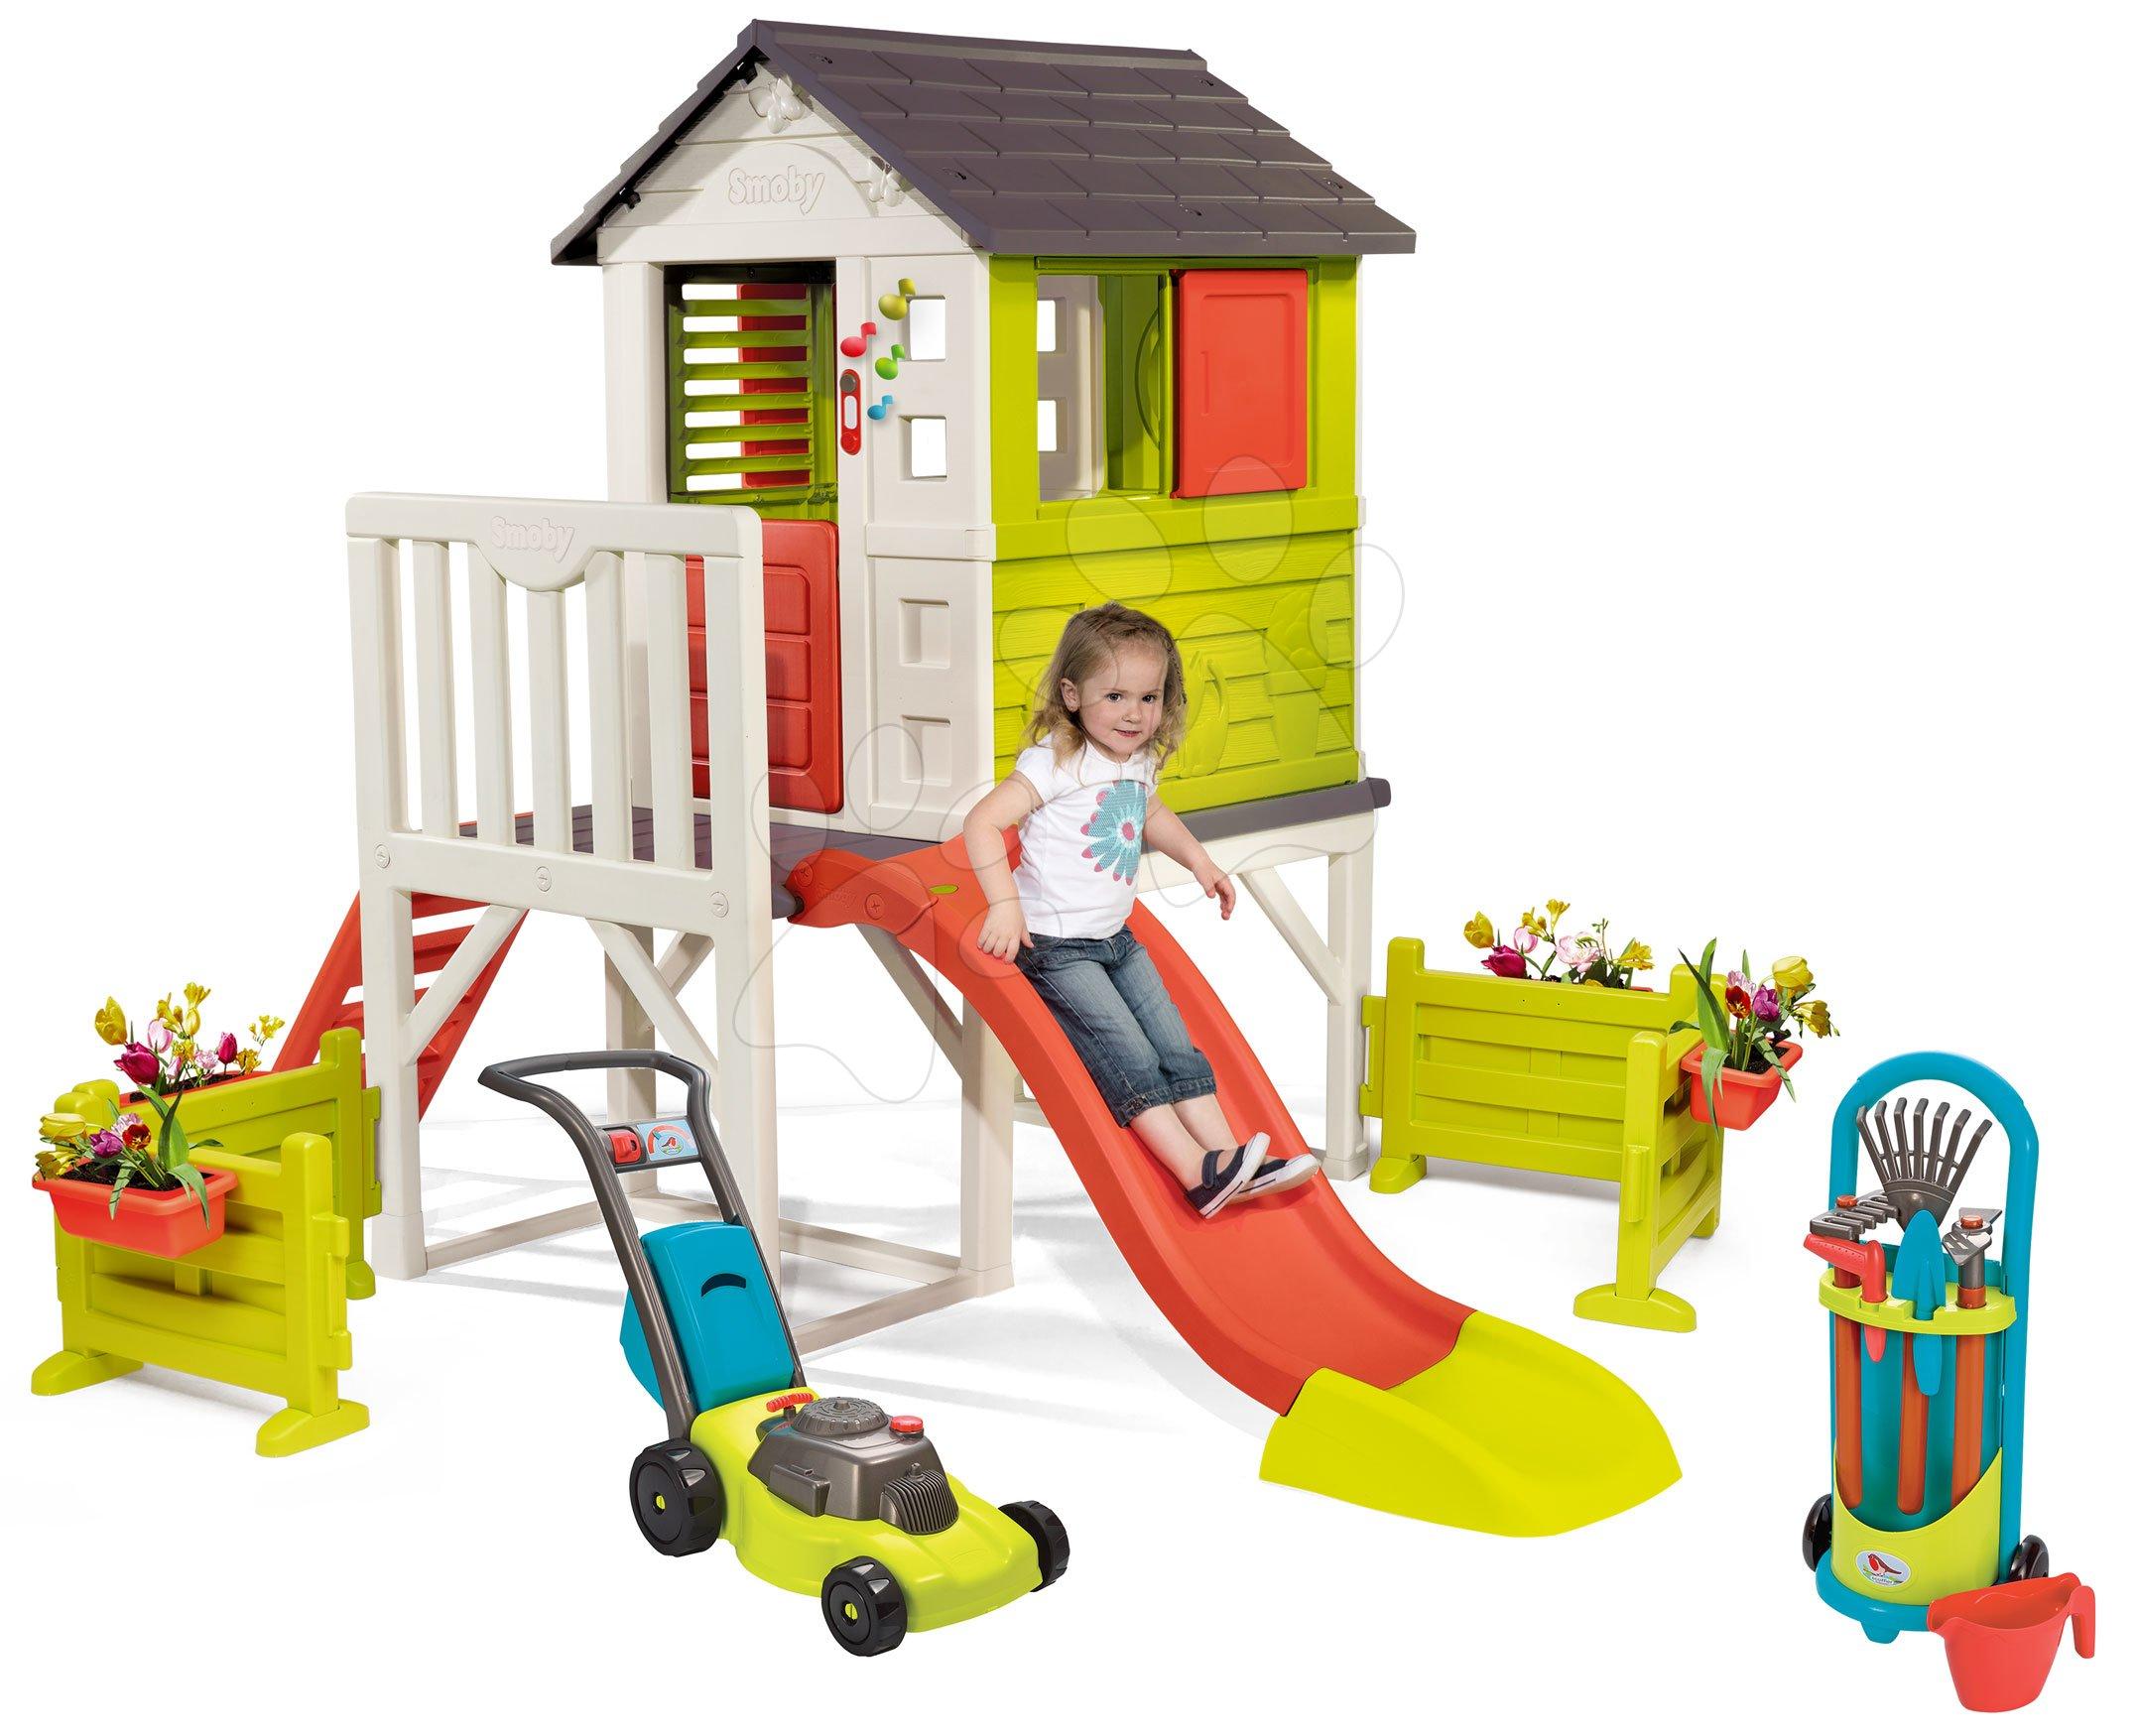 Domček na pilieroch Pilings House Smoby s 1,5 m šmykľavkou zvončekom a záhrada s kosačkou a náradím